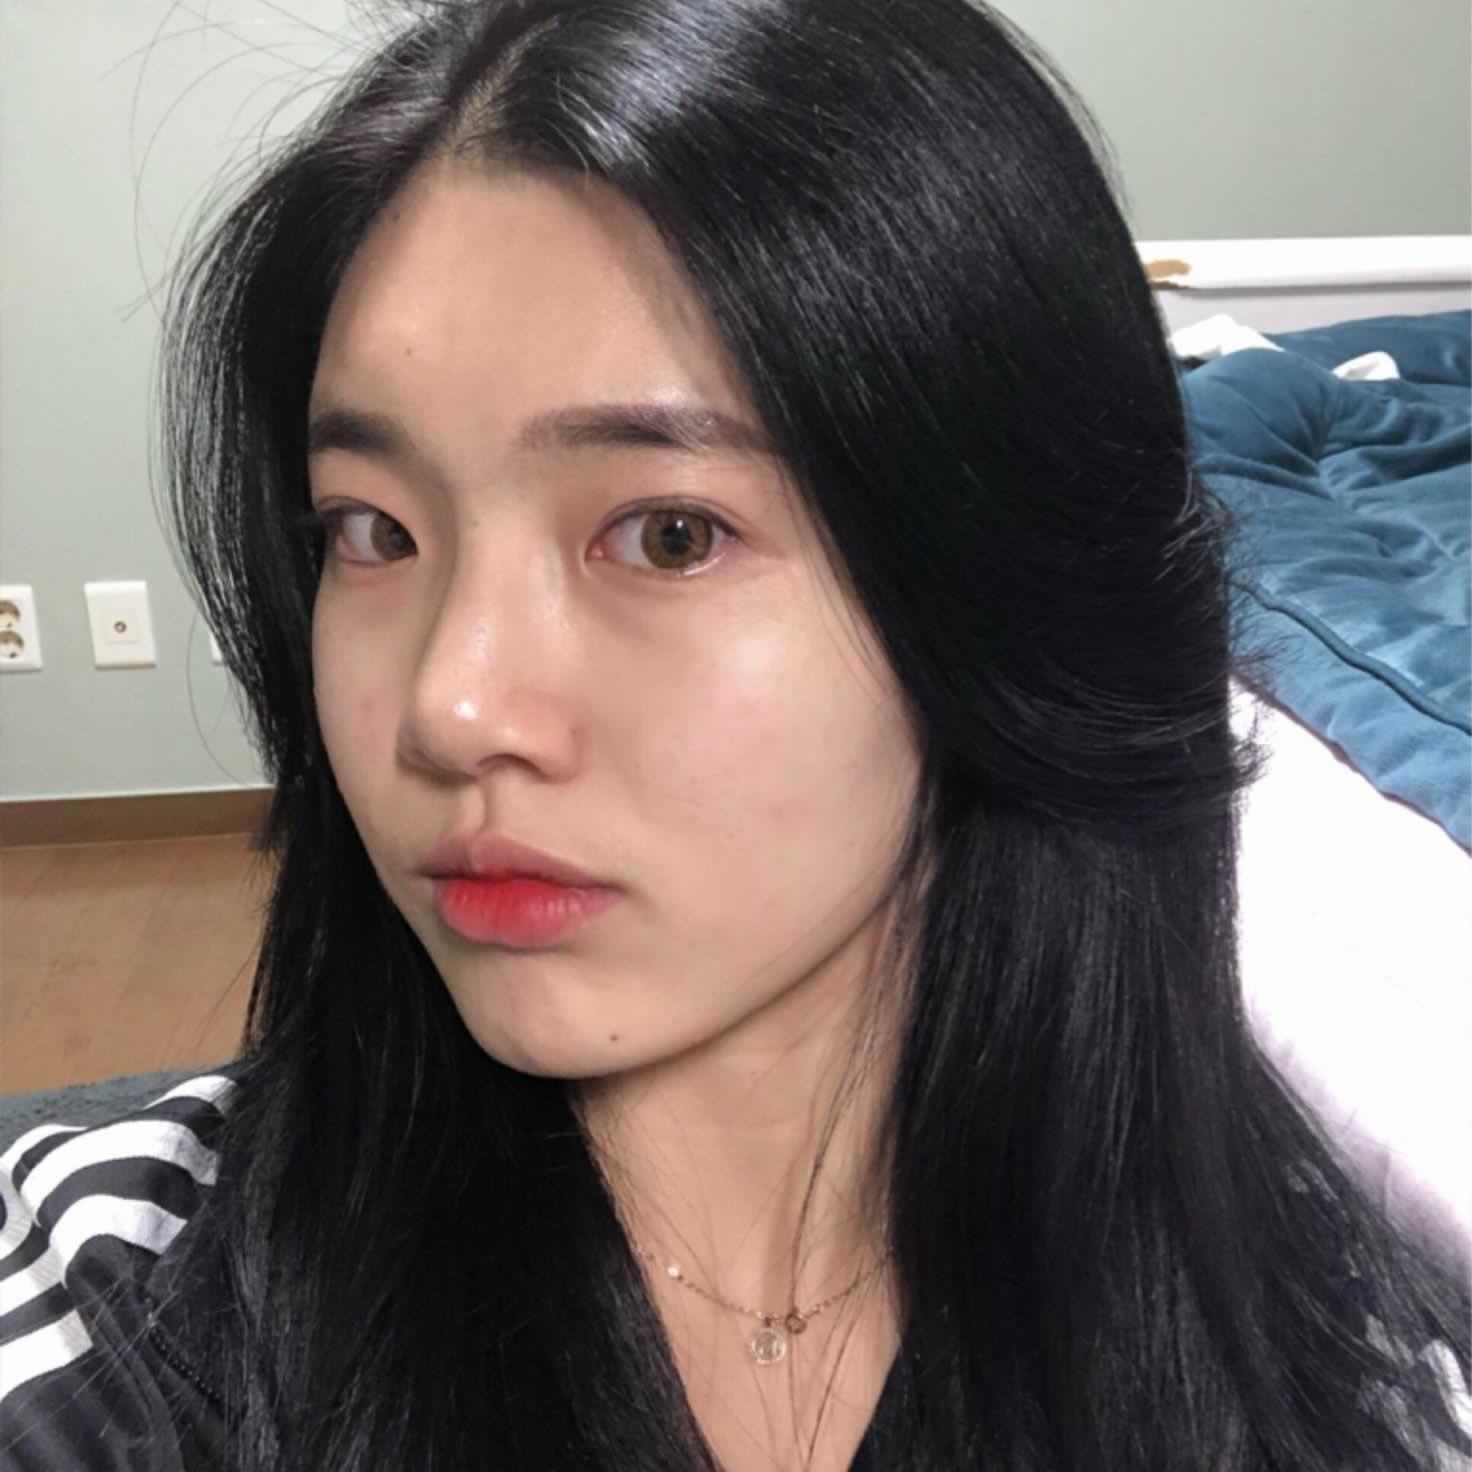 韩国做硅胶隆鼻效果怎么样呢?分享我在韩国做的硅胶隆鼻经历。